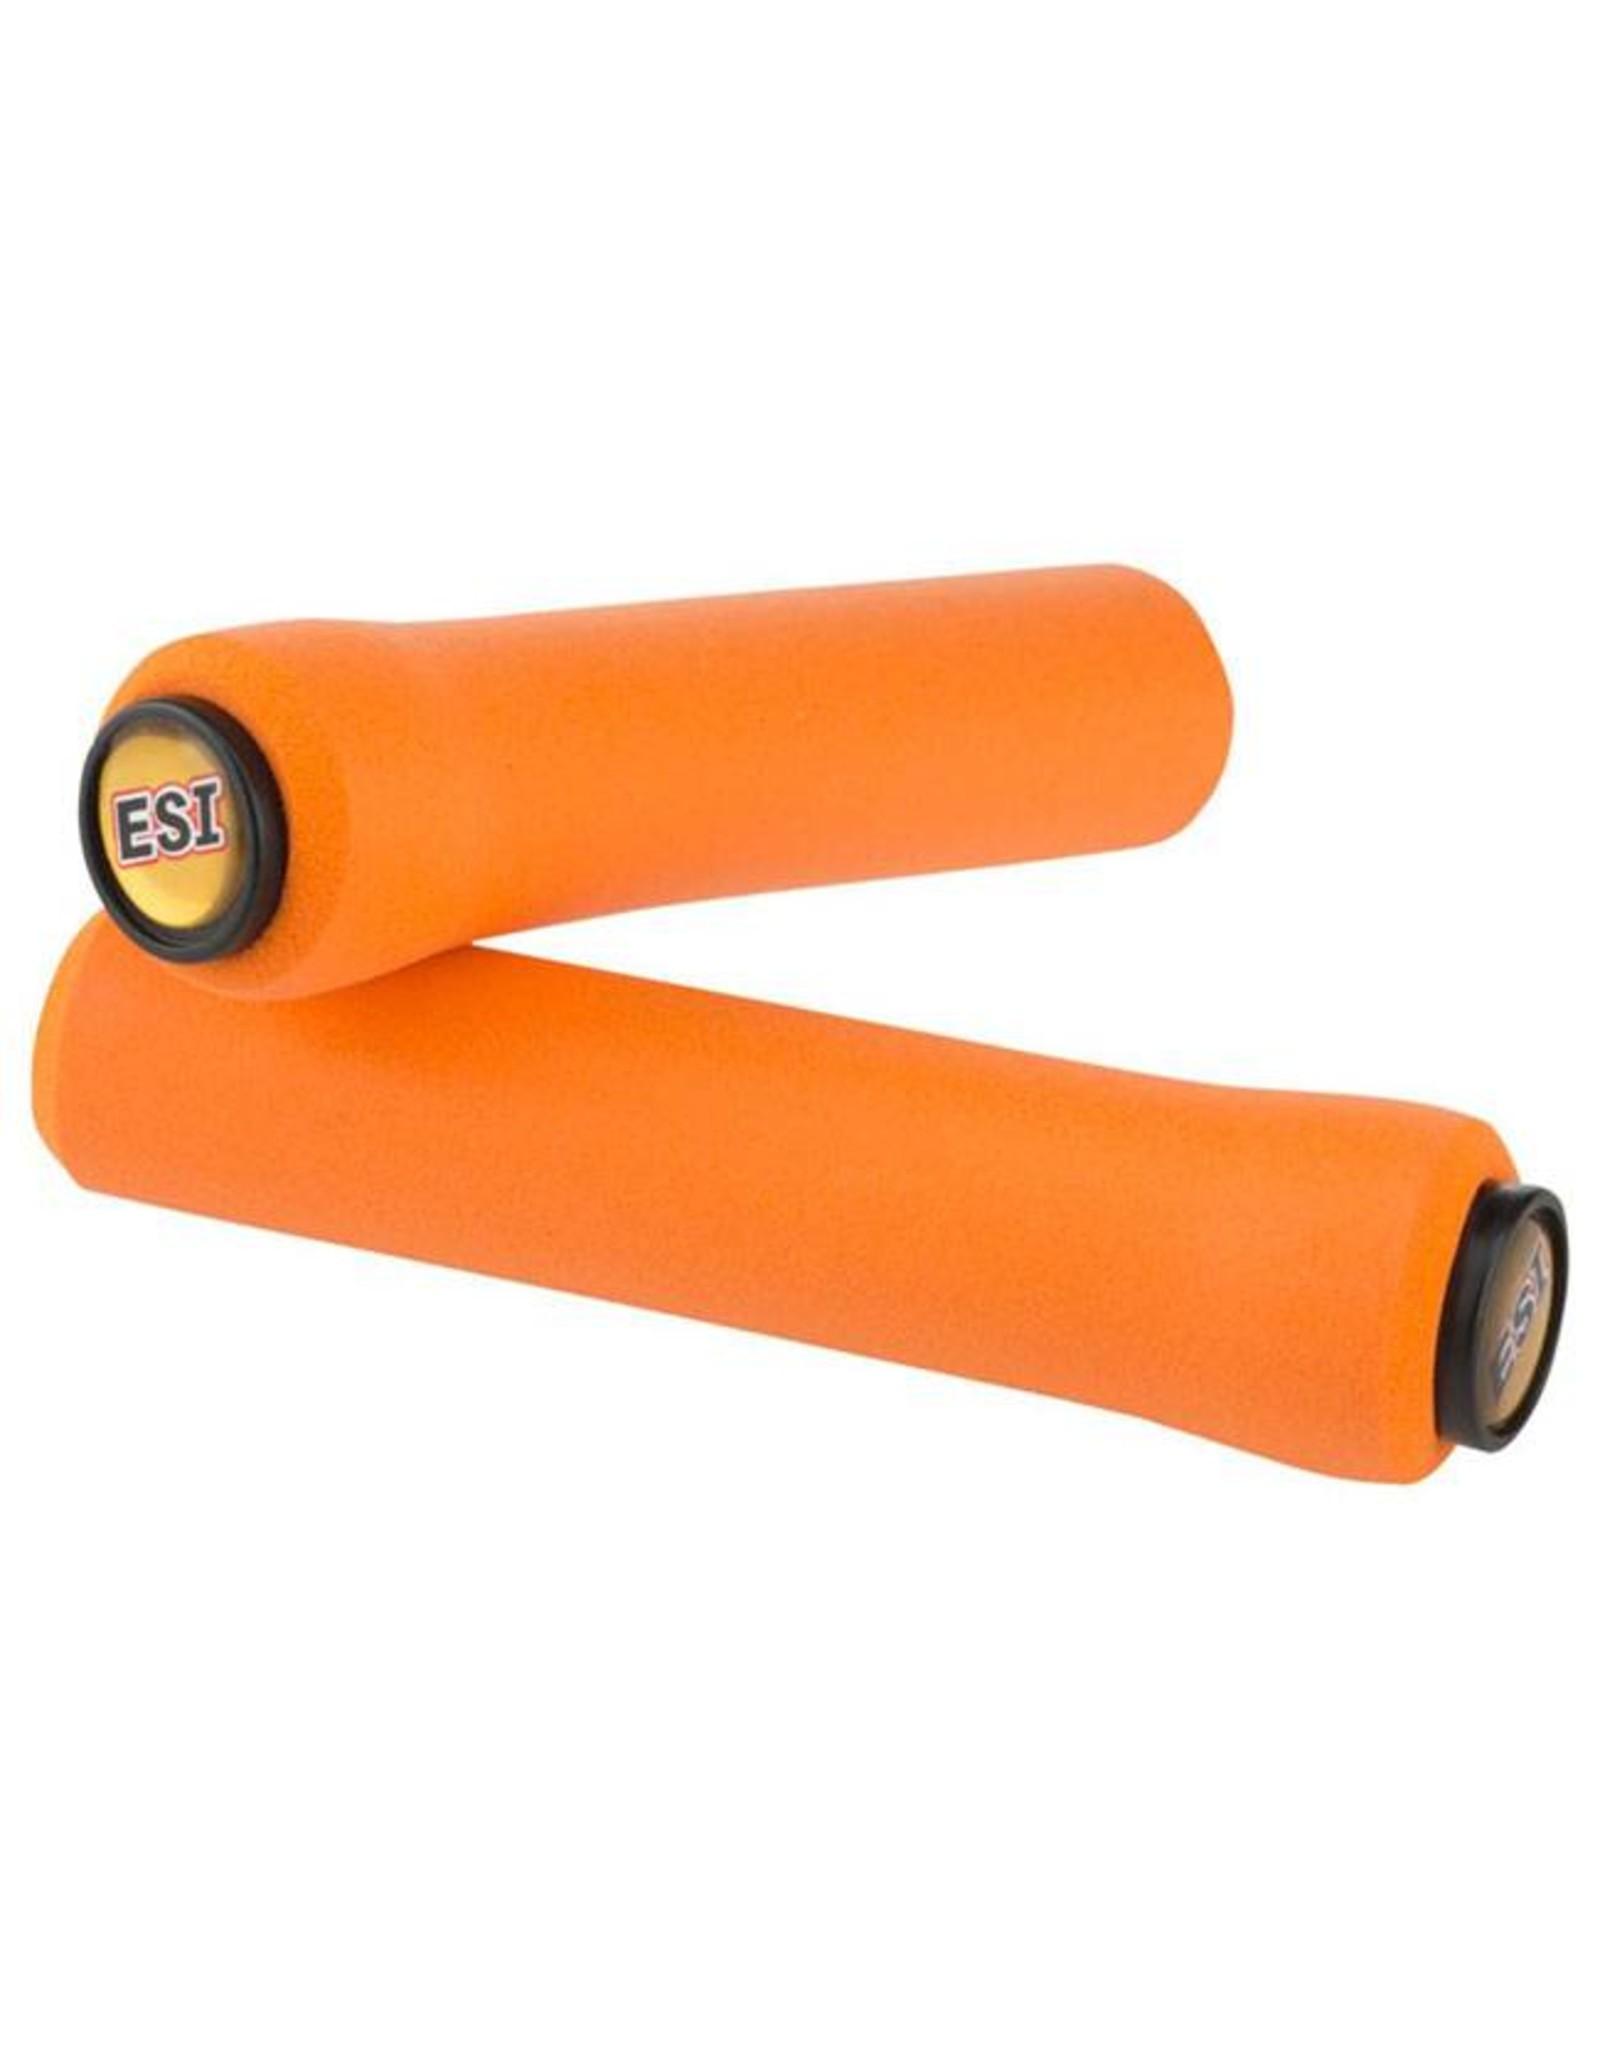 ESI ESI 32mm Chunky Silicone Grips: Orange